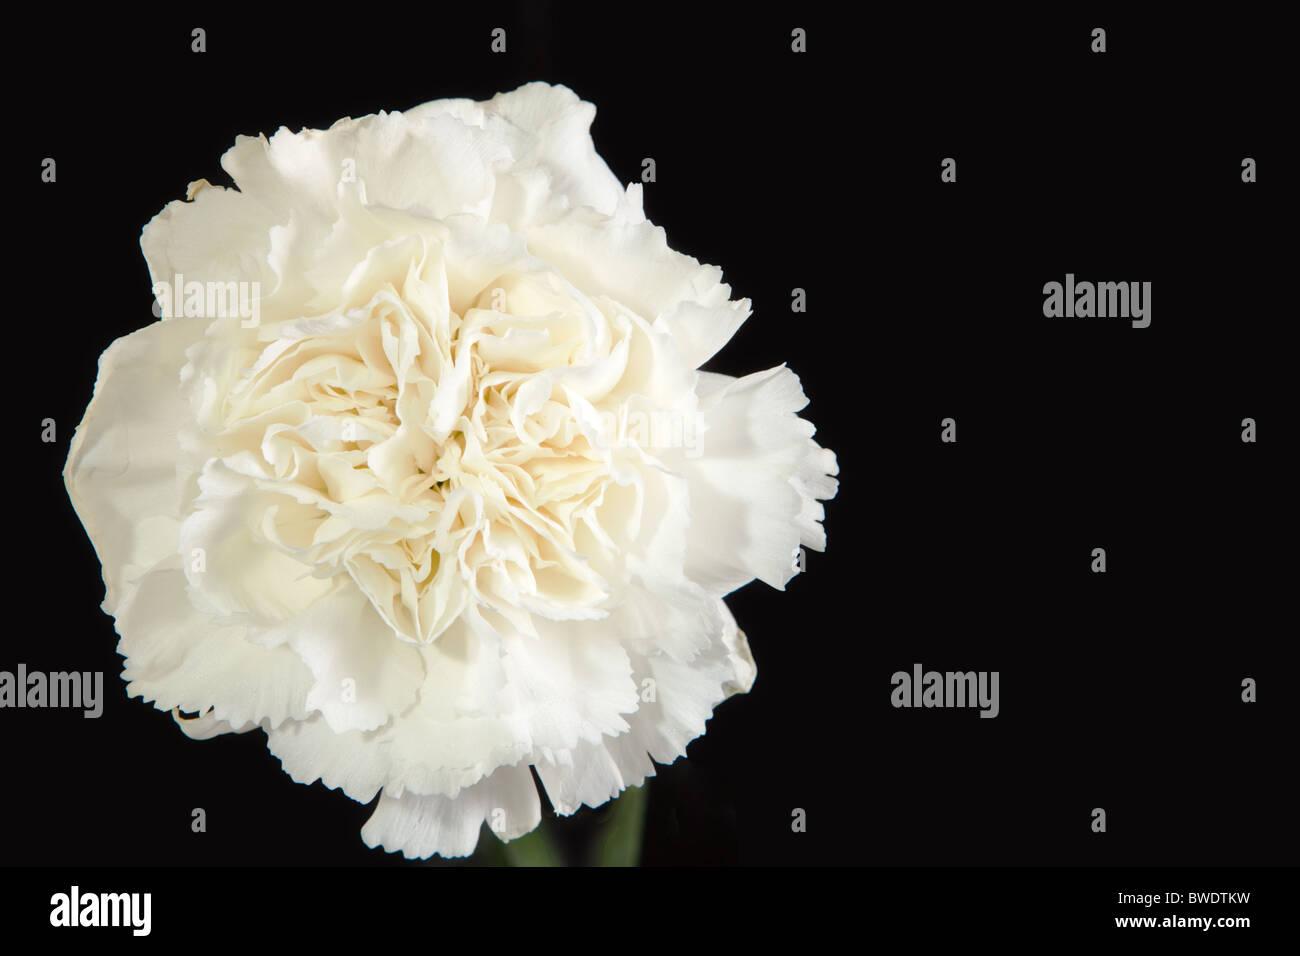 White Carnation Flower Stock Photos White Carnation Flower Stock